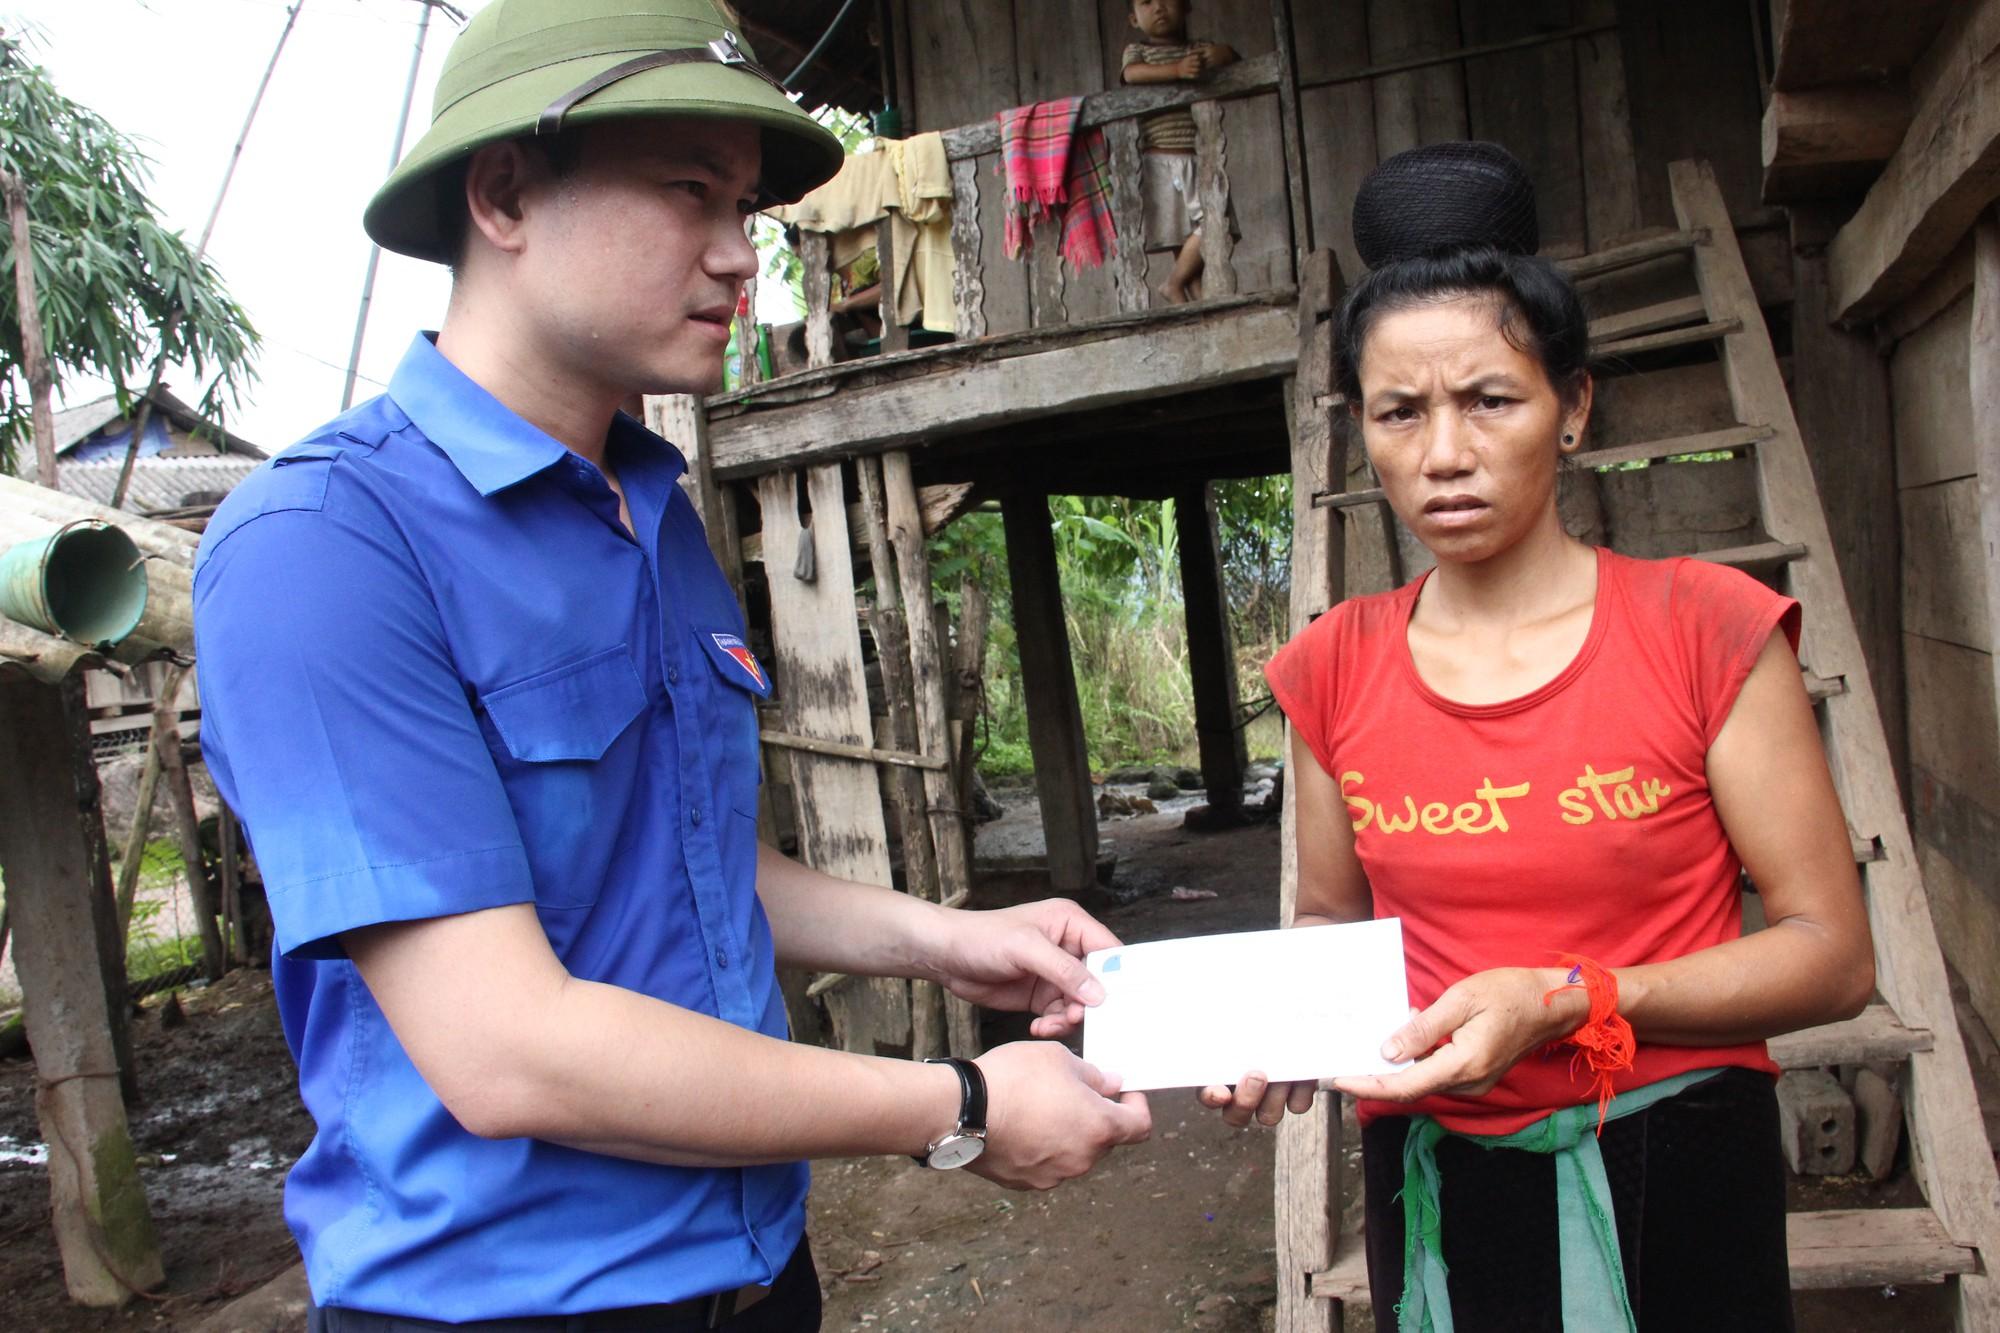 Trung ương Đoàn, Trung ương Hội chung tay hỗ trợ bà con nhân dân Lai Châu vượt qua lũ lụt - Ảnh 3.